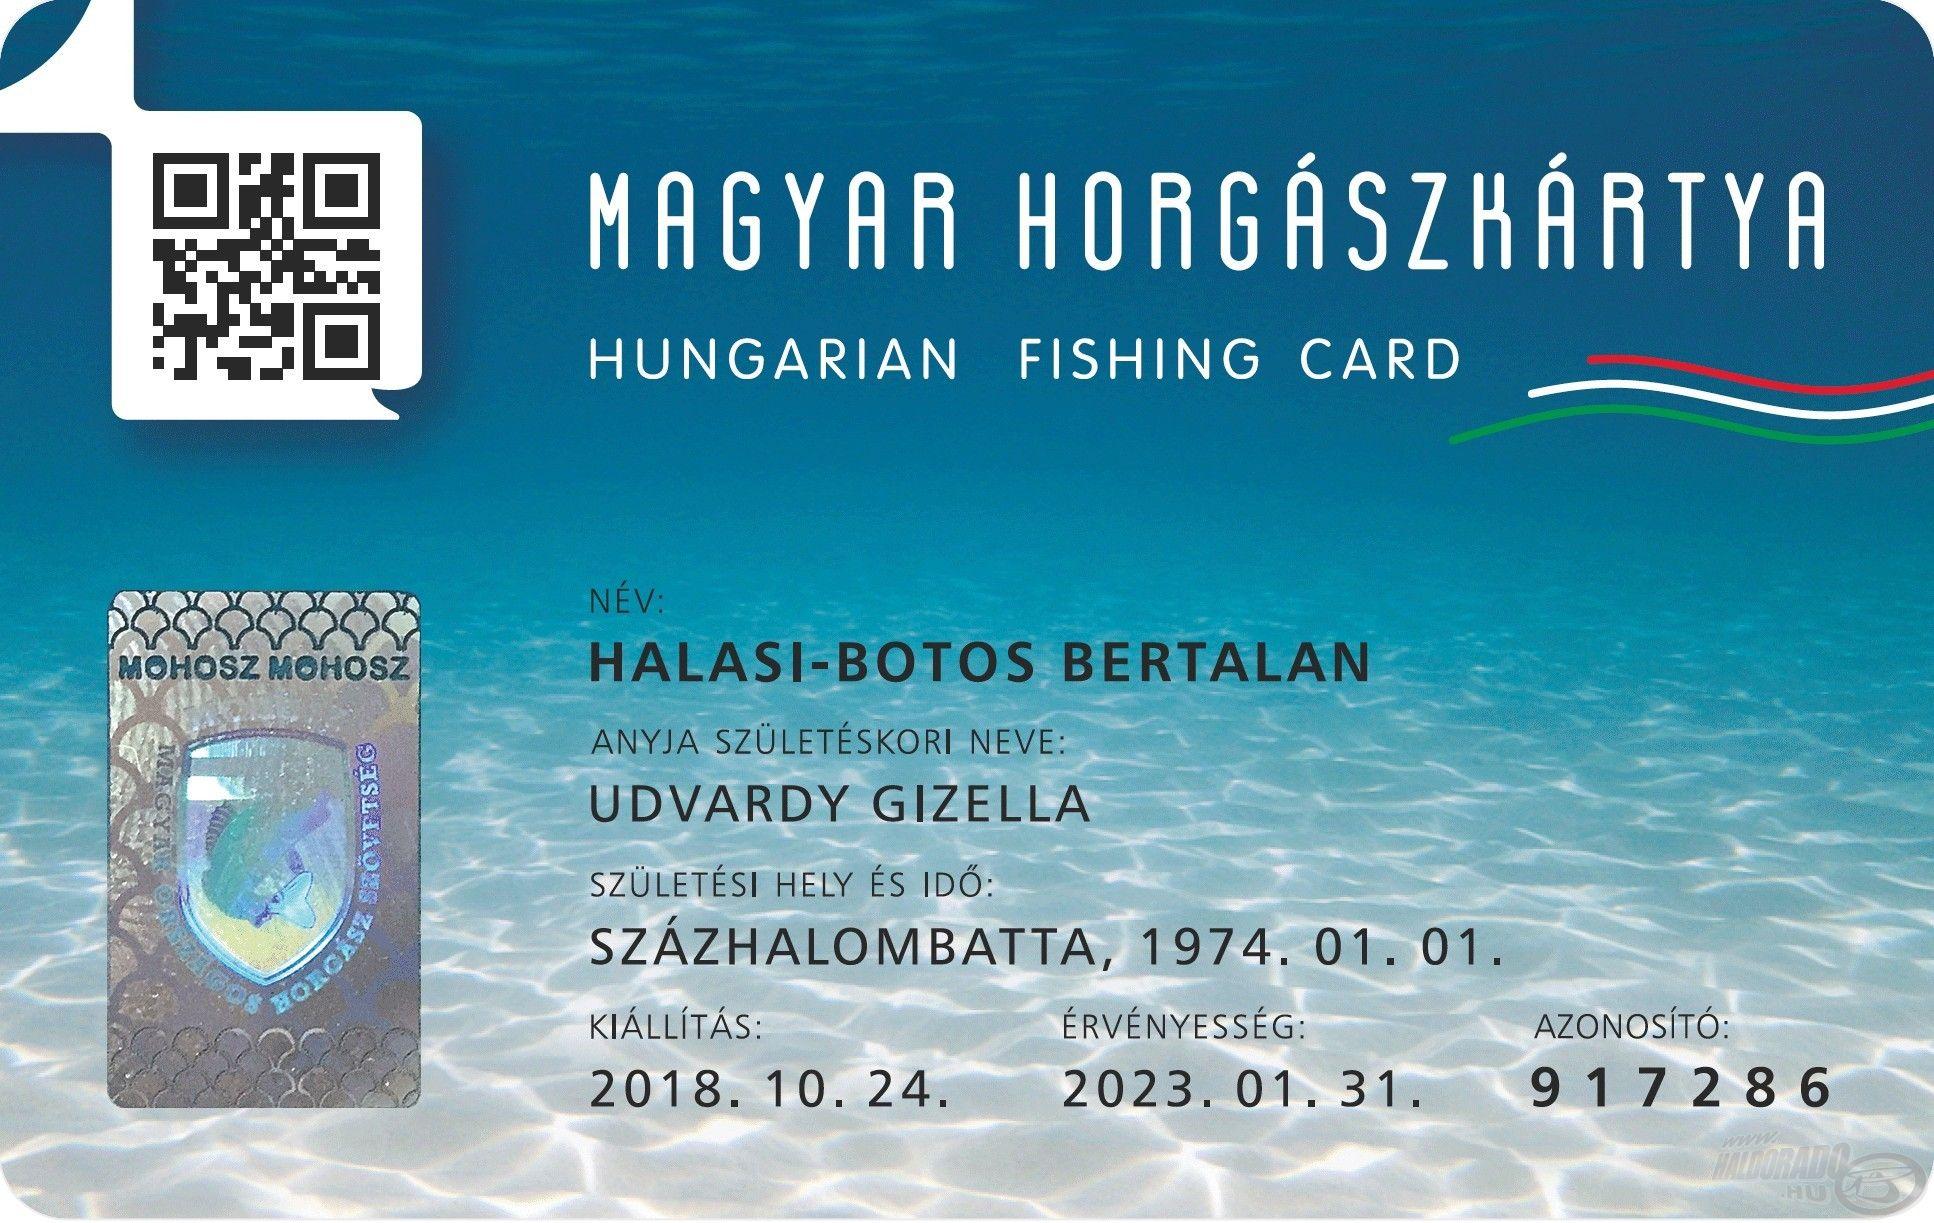 Így fog kinézni az új, egységes horgászokmány